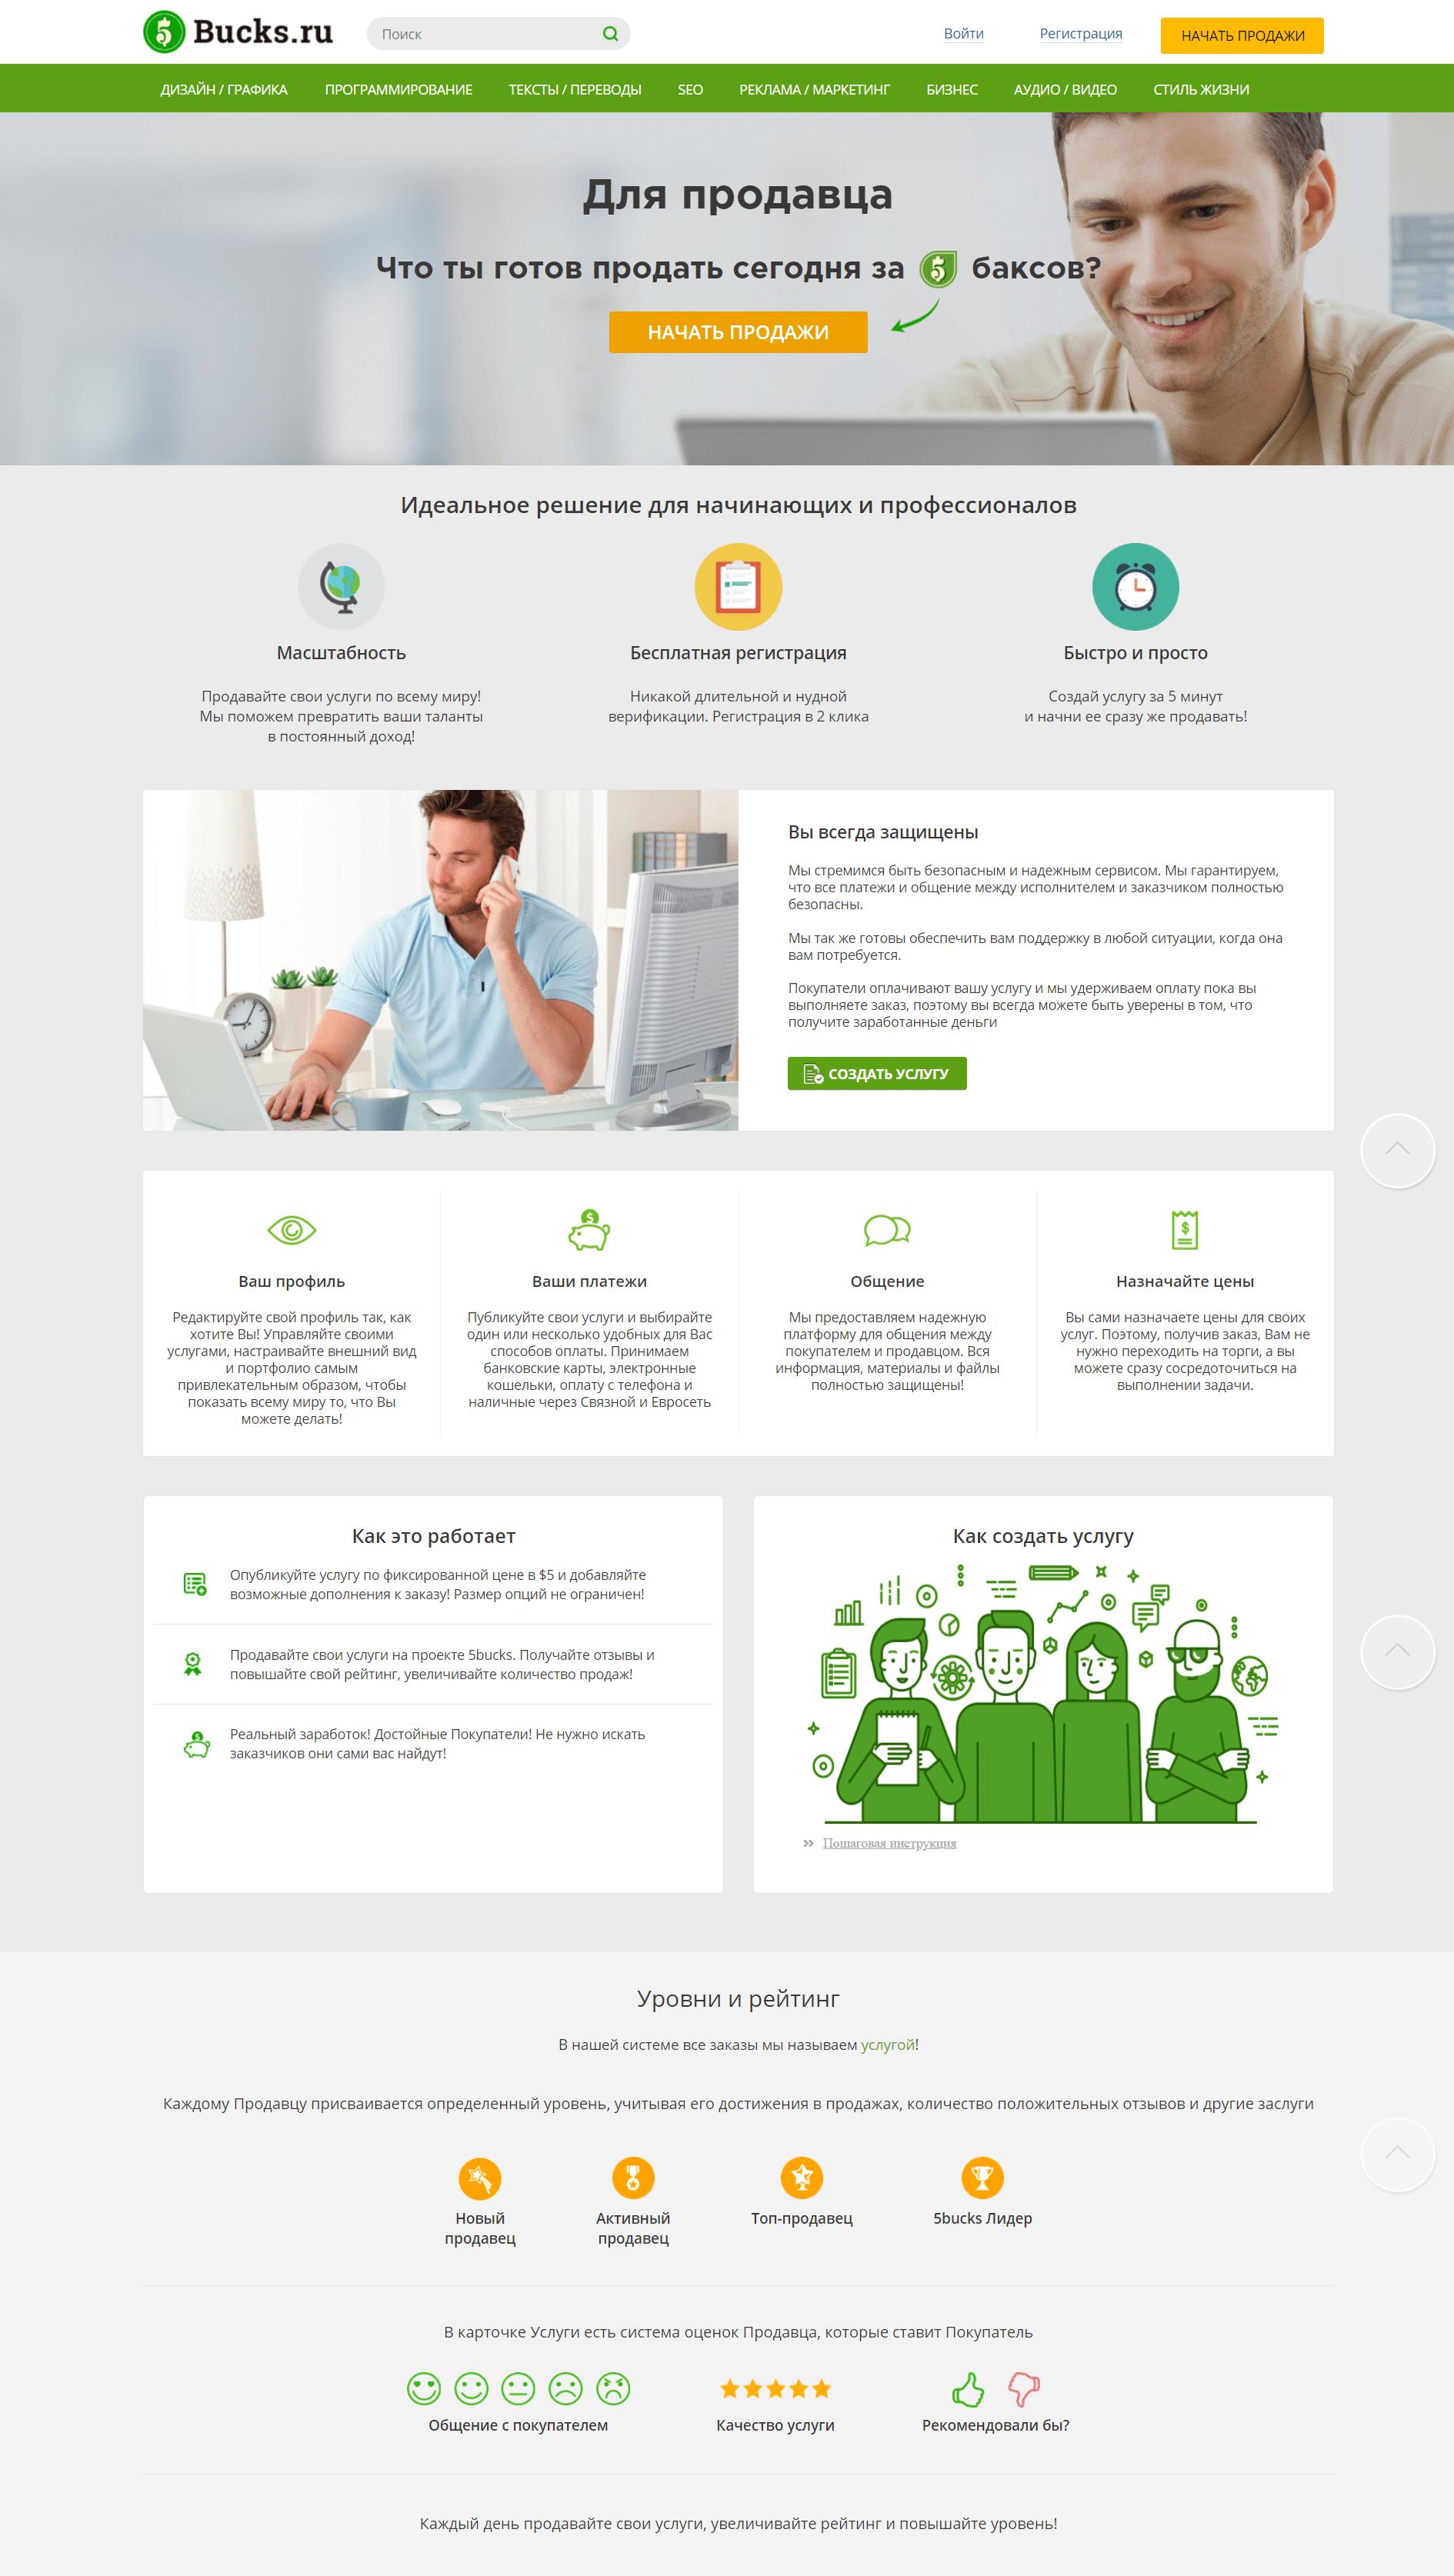 скрин страницы для фрилансеров 5bucks.ru